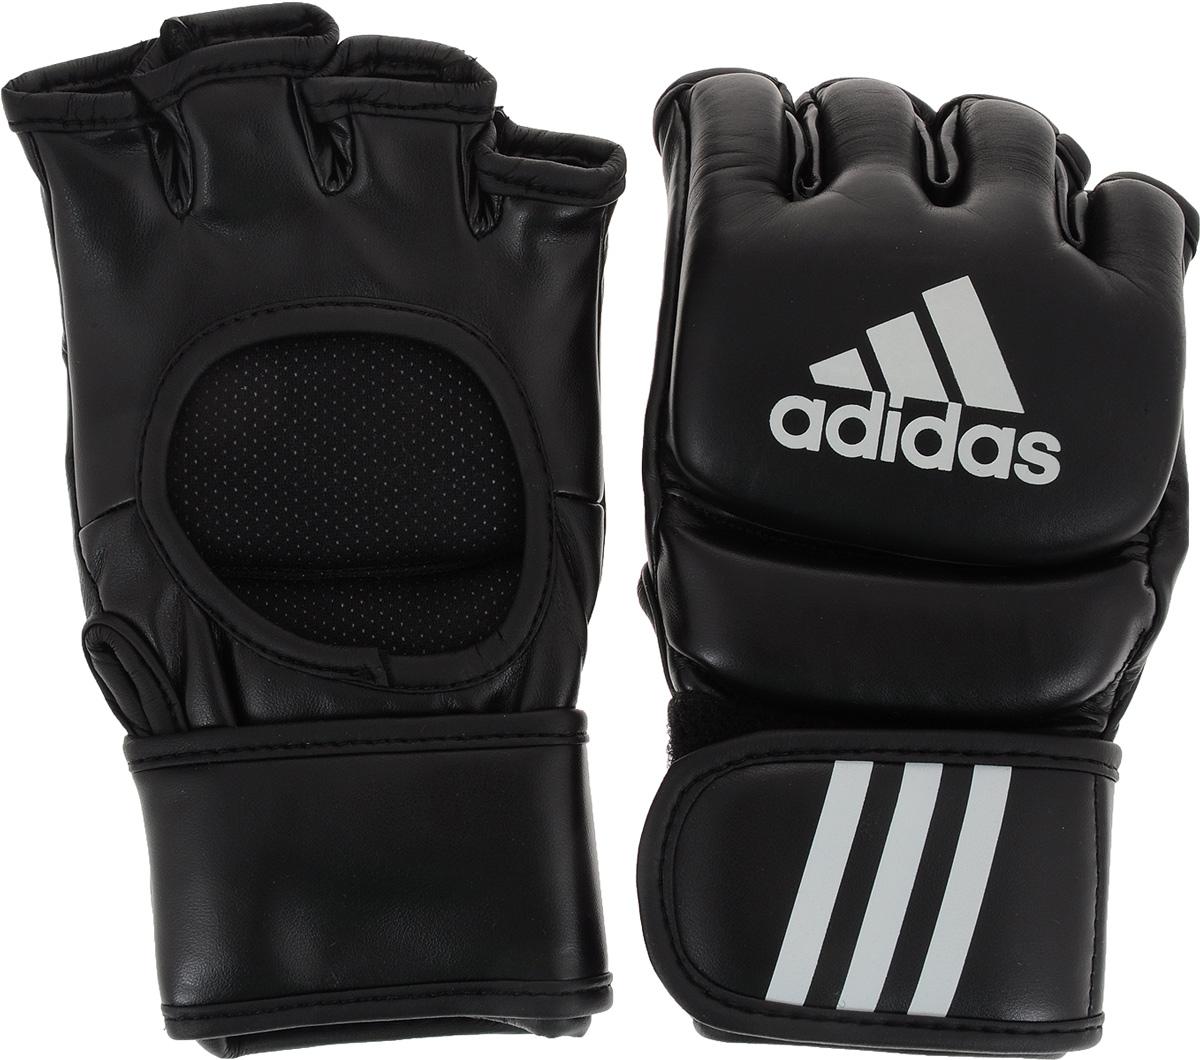 Шингарты для единоборств Adidas UFC Type. Размер SADICSG041Шингарты Adidas UFC Type предназначены для новичков и любителей, для тренировок в домашних условиях, а также могут использоваться для боевого самбо или боев без правил. Выполнены из высококачественной натуральной кожи. Застежка на липучке надежно фиксирует шингарты на руке.